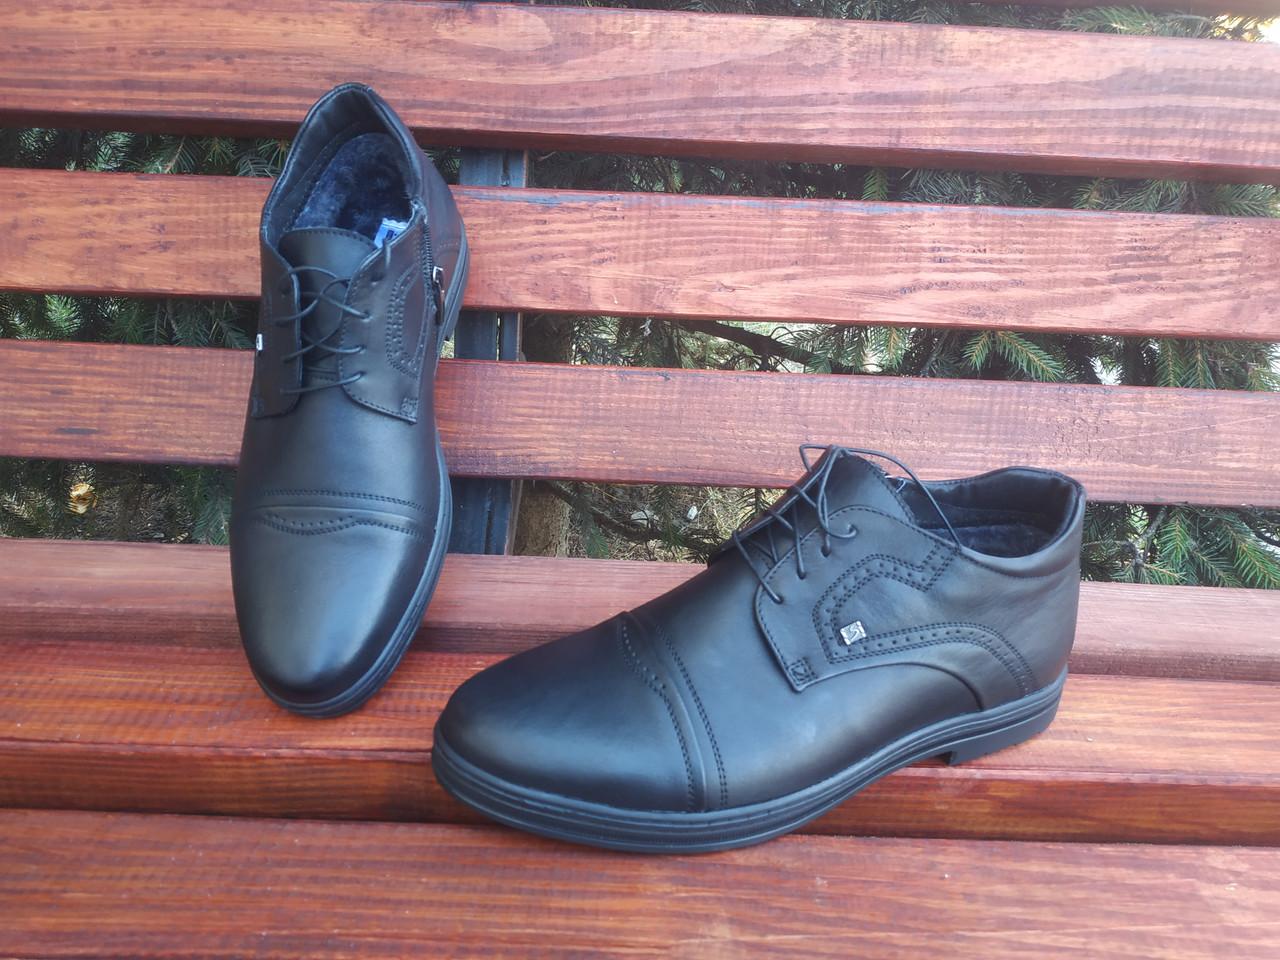 Зимові черевики VadRus167 - 44 розмір